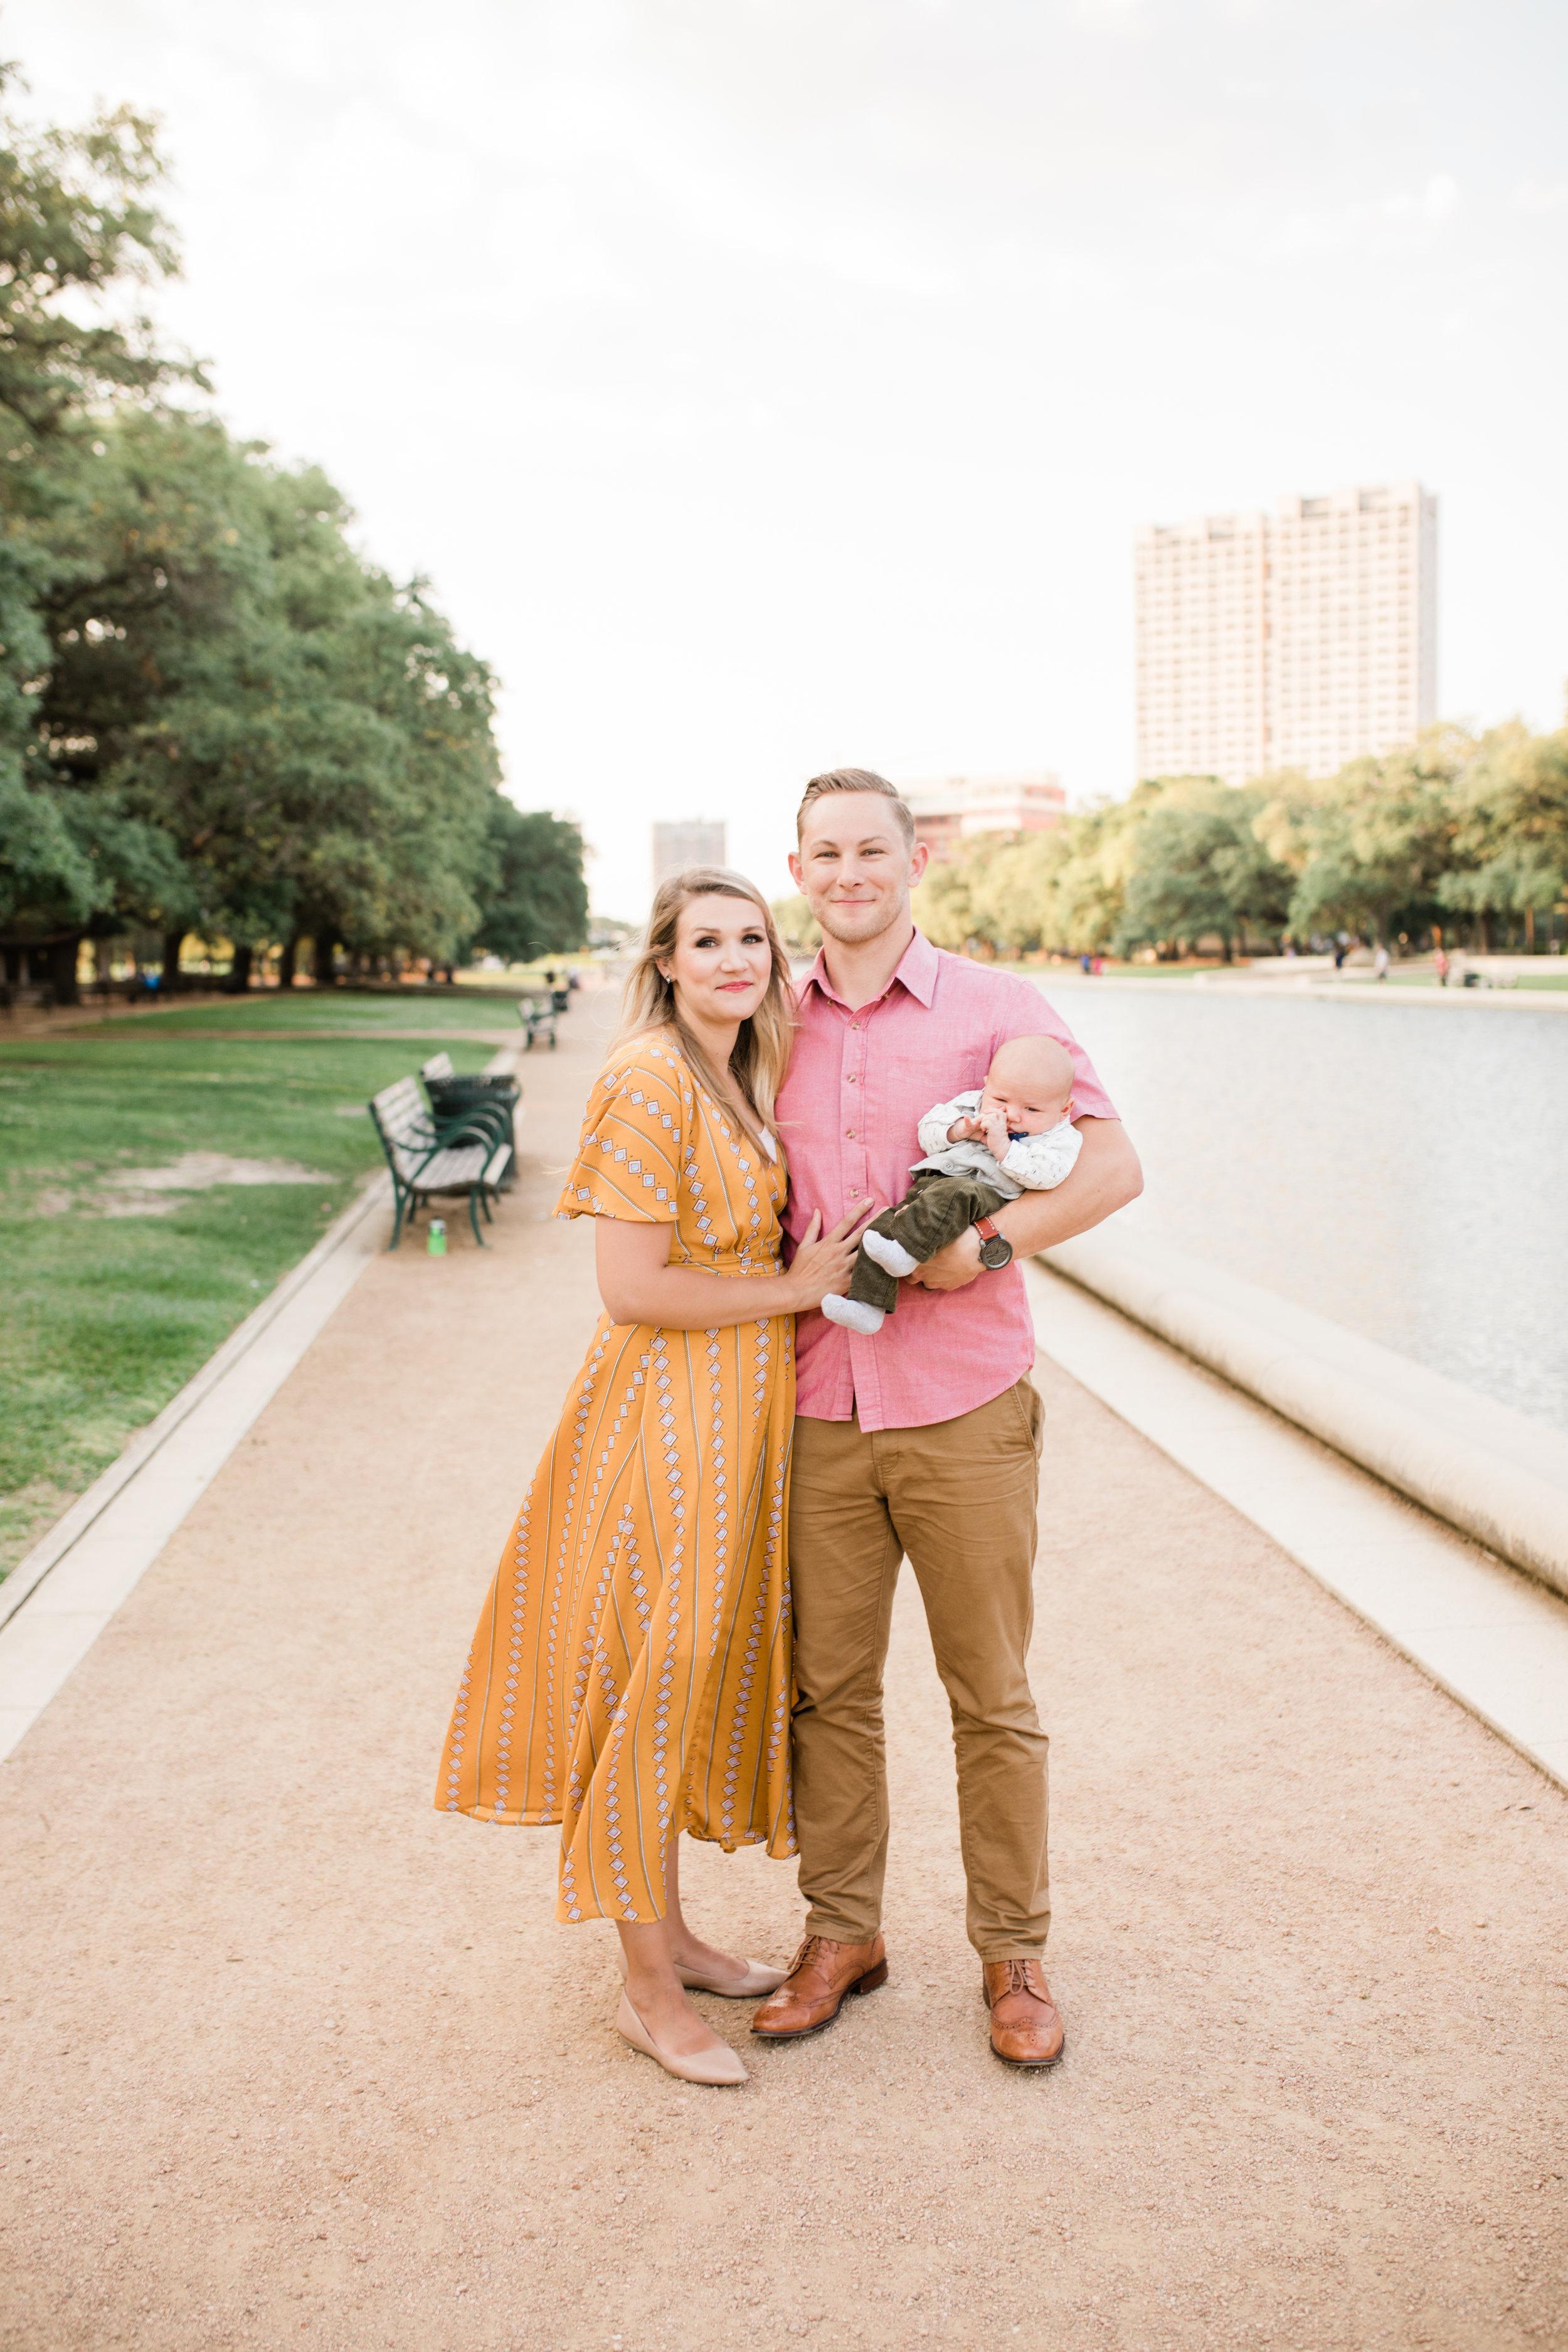 Mennear Family Hermann Park Houston Texas27.jpg